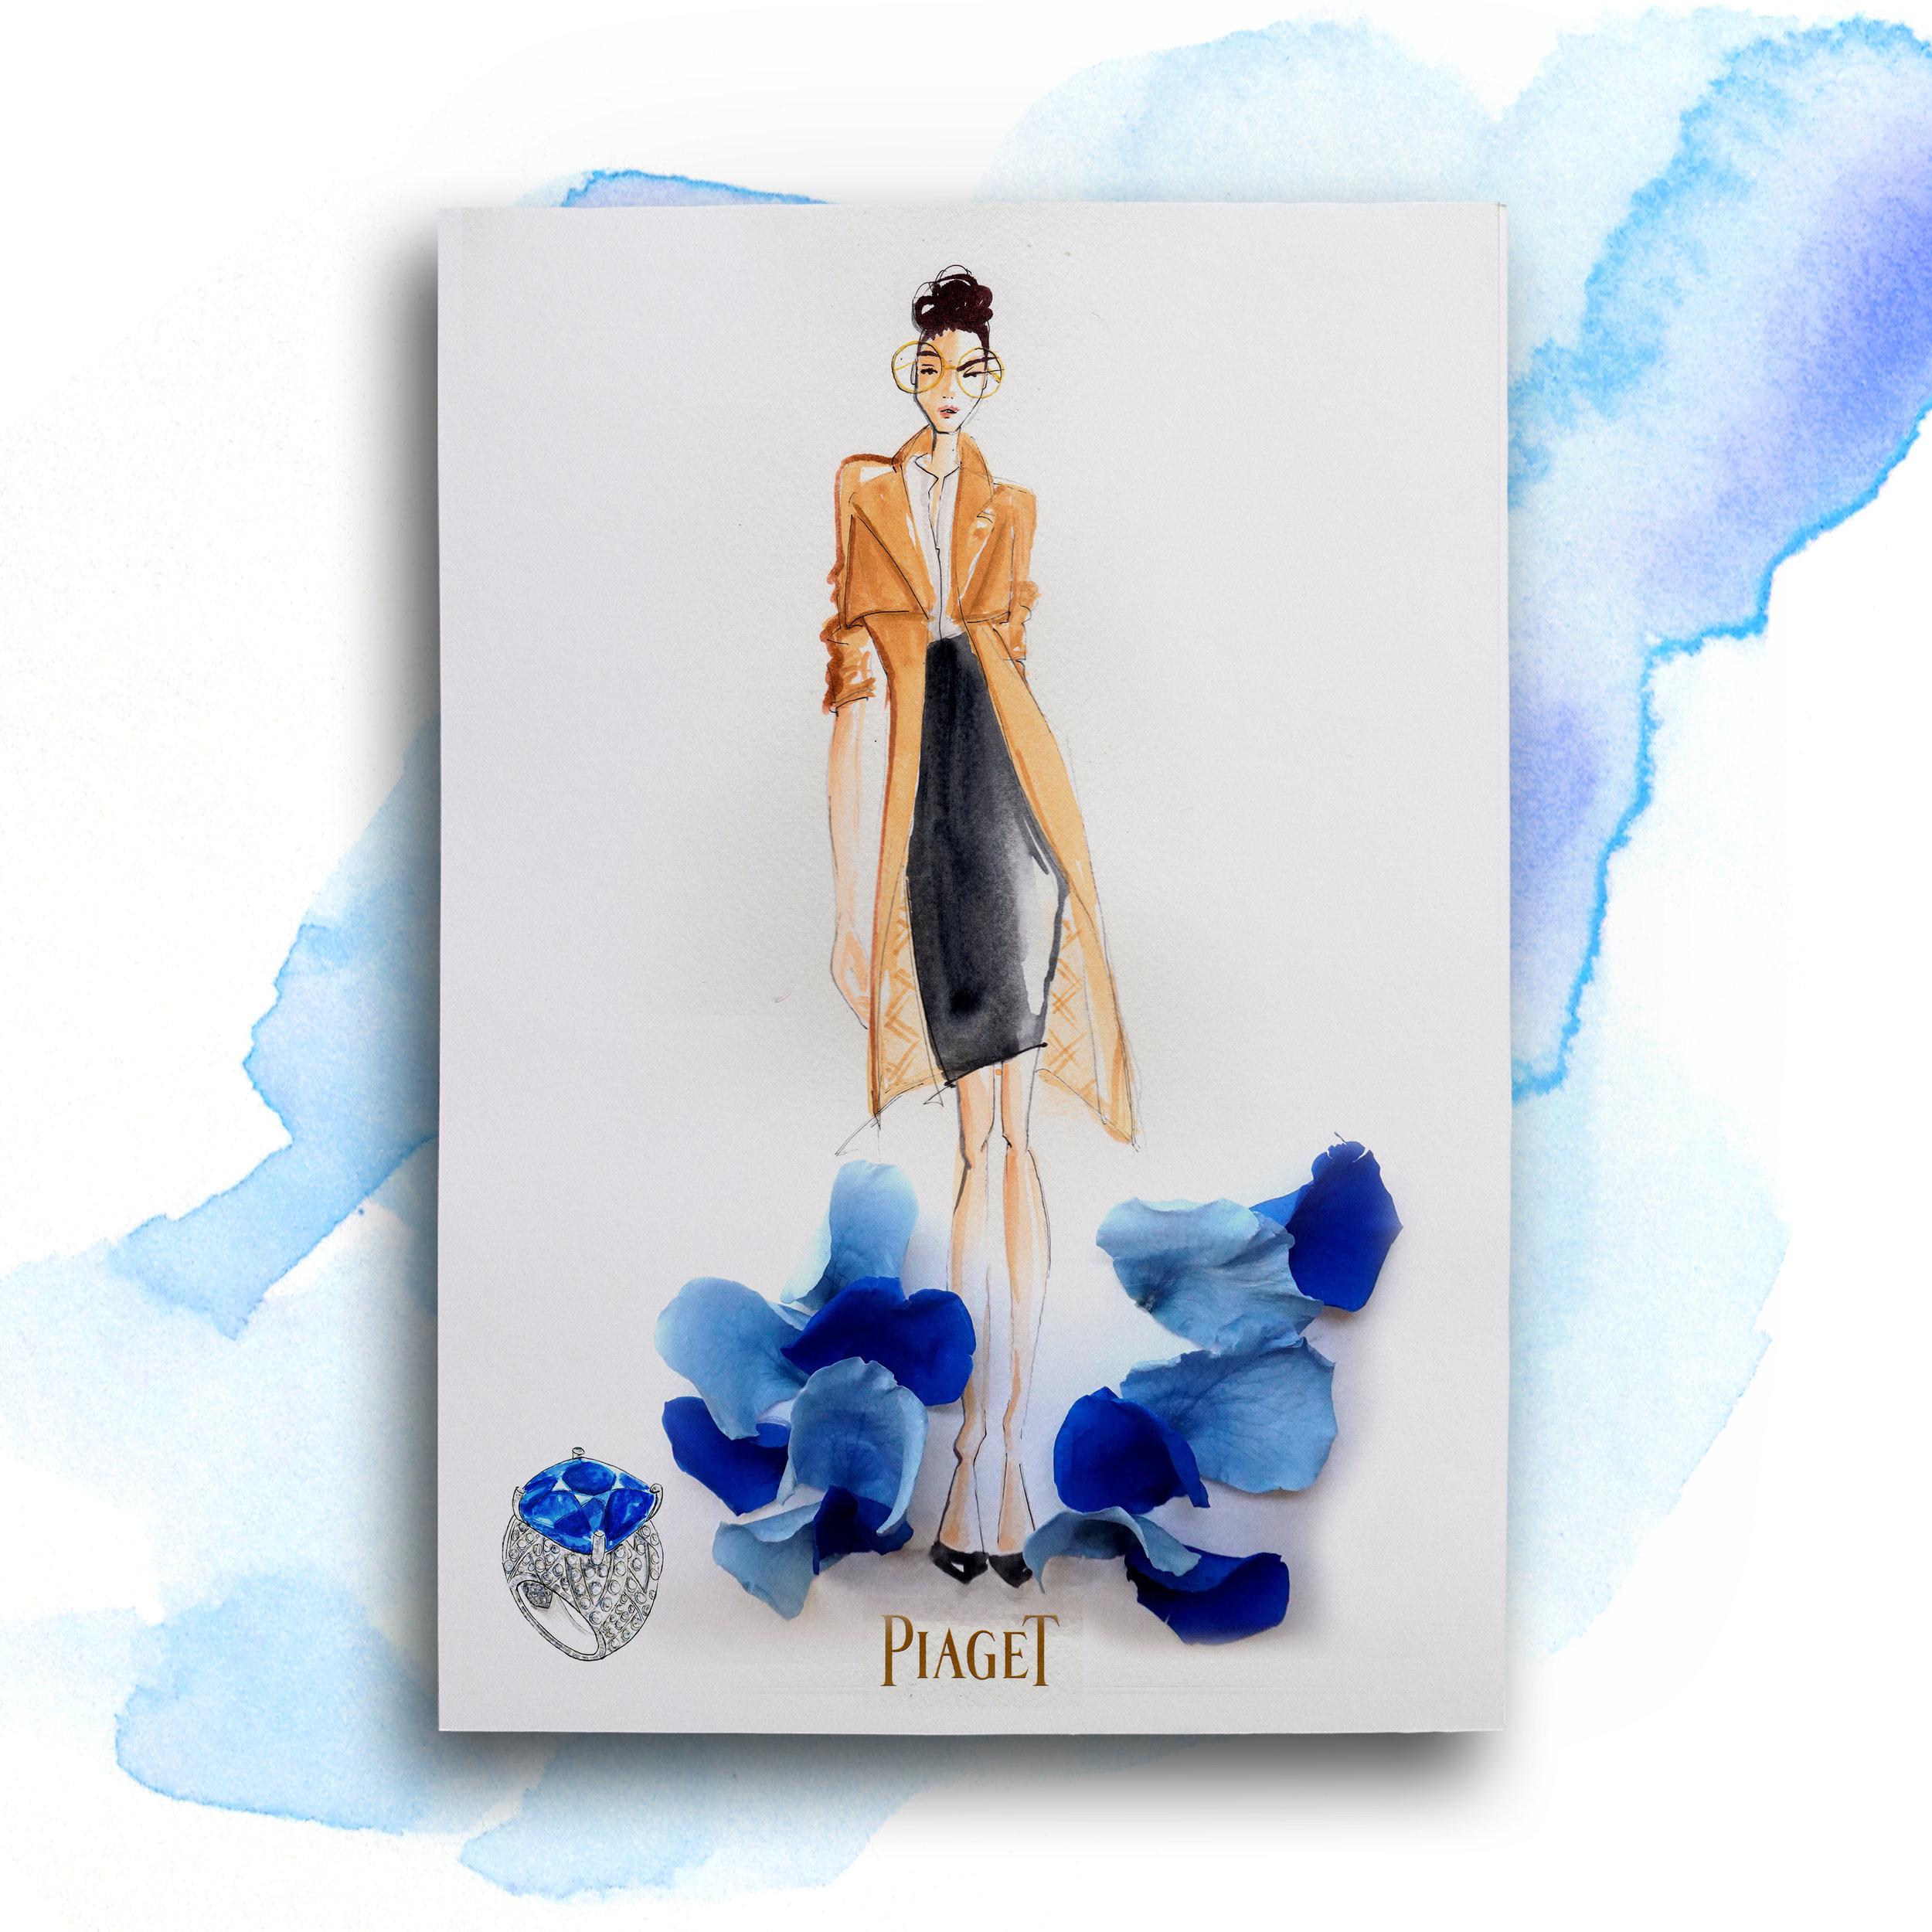 Tanya Pirate Hong Kong fashion illustrator